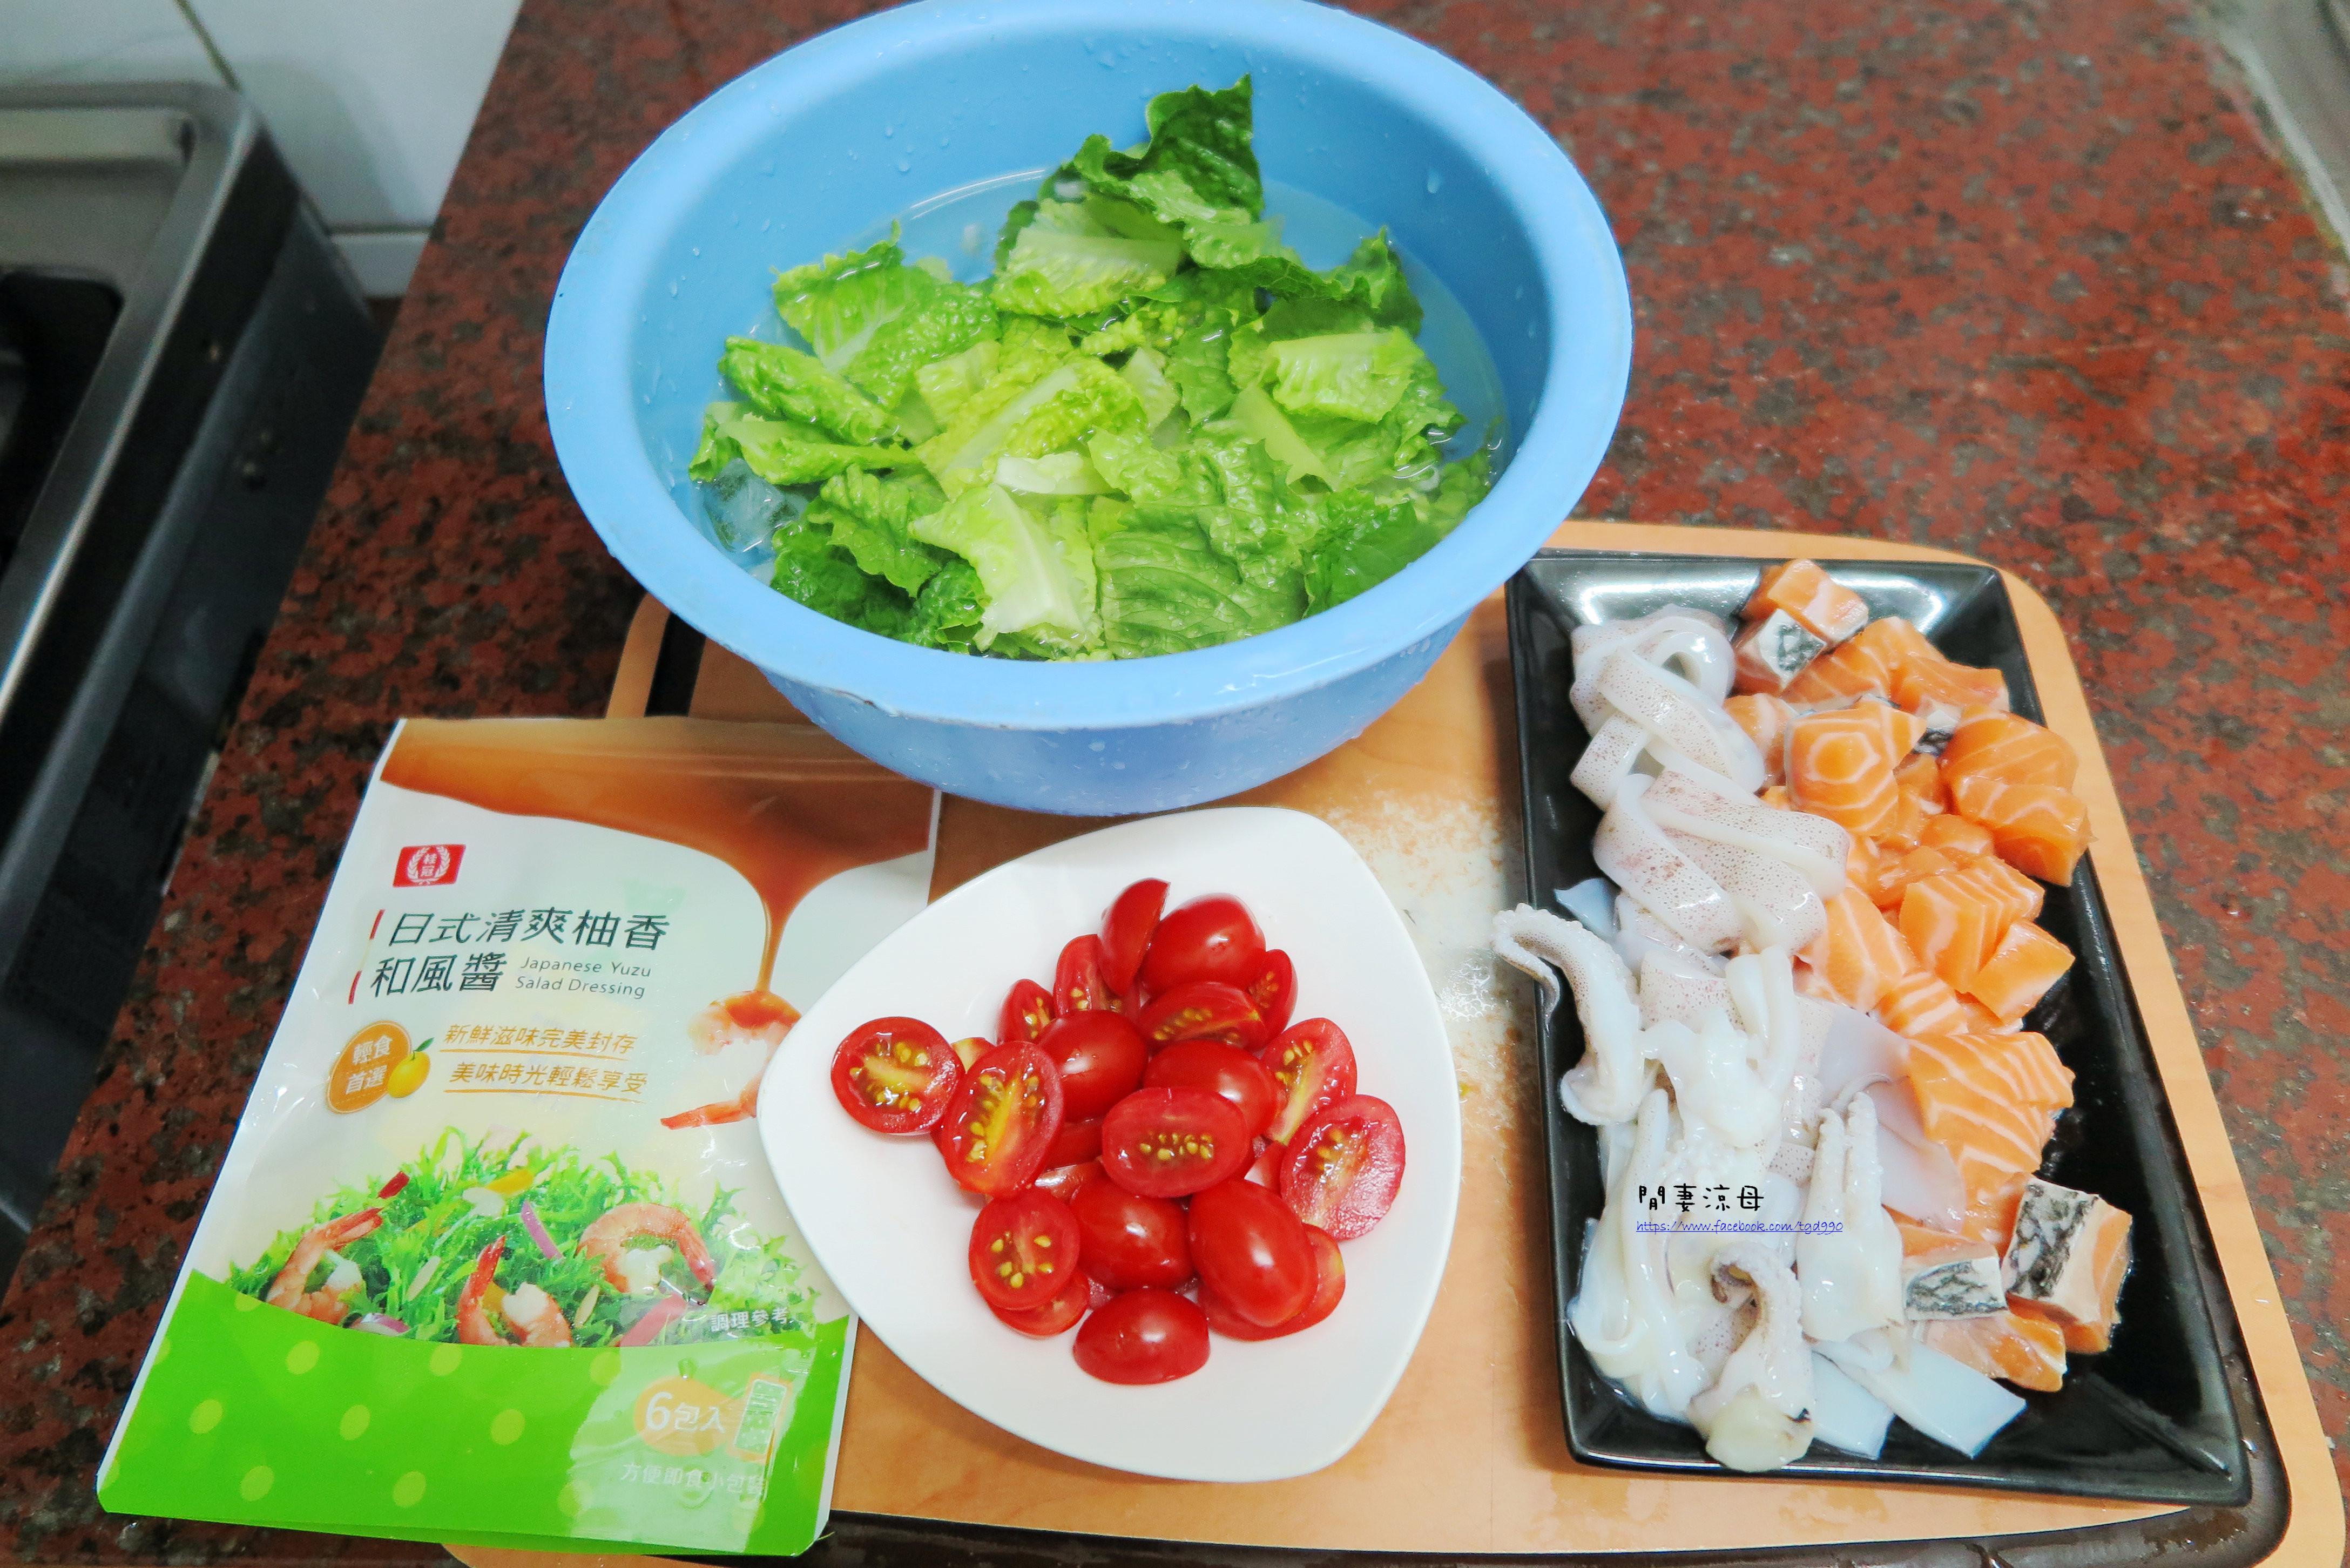 家庭必備之炎夏涼爽就醬拌-桂冠風味沙拉的第 12 張圖片